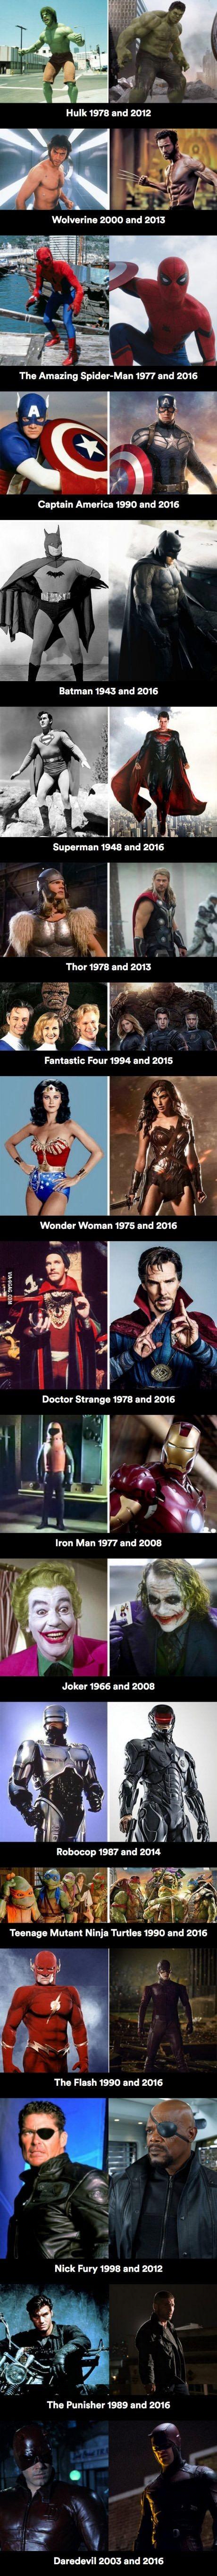 Meme_otros - Las tranformaciones más drásticas en el mundo de los superhéroes